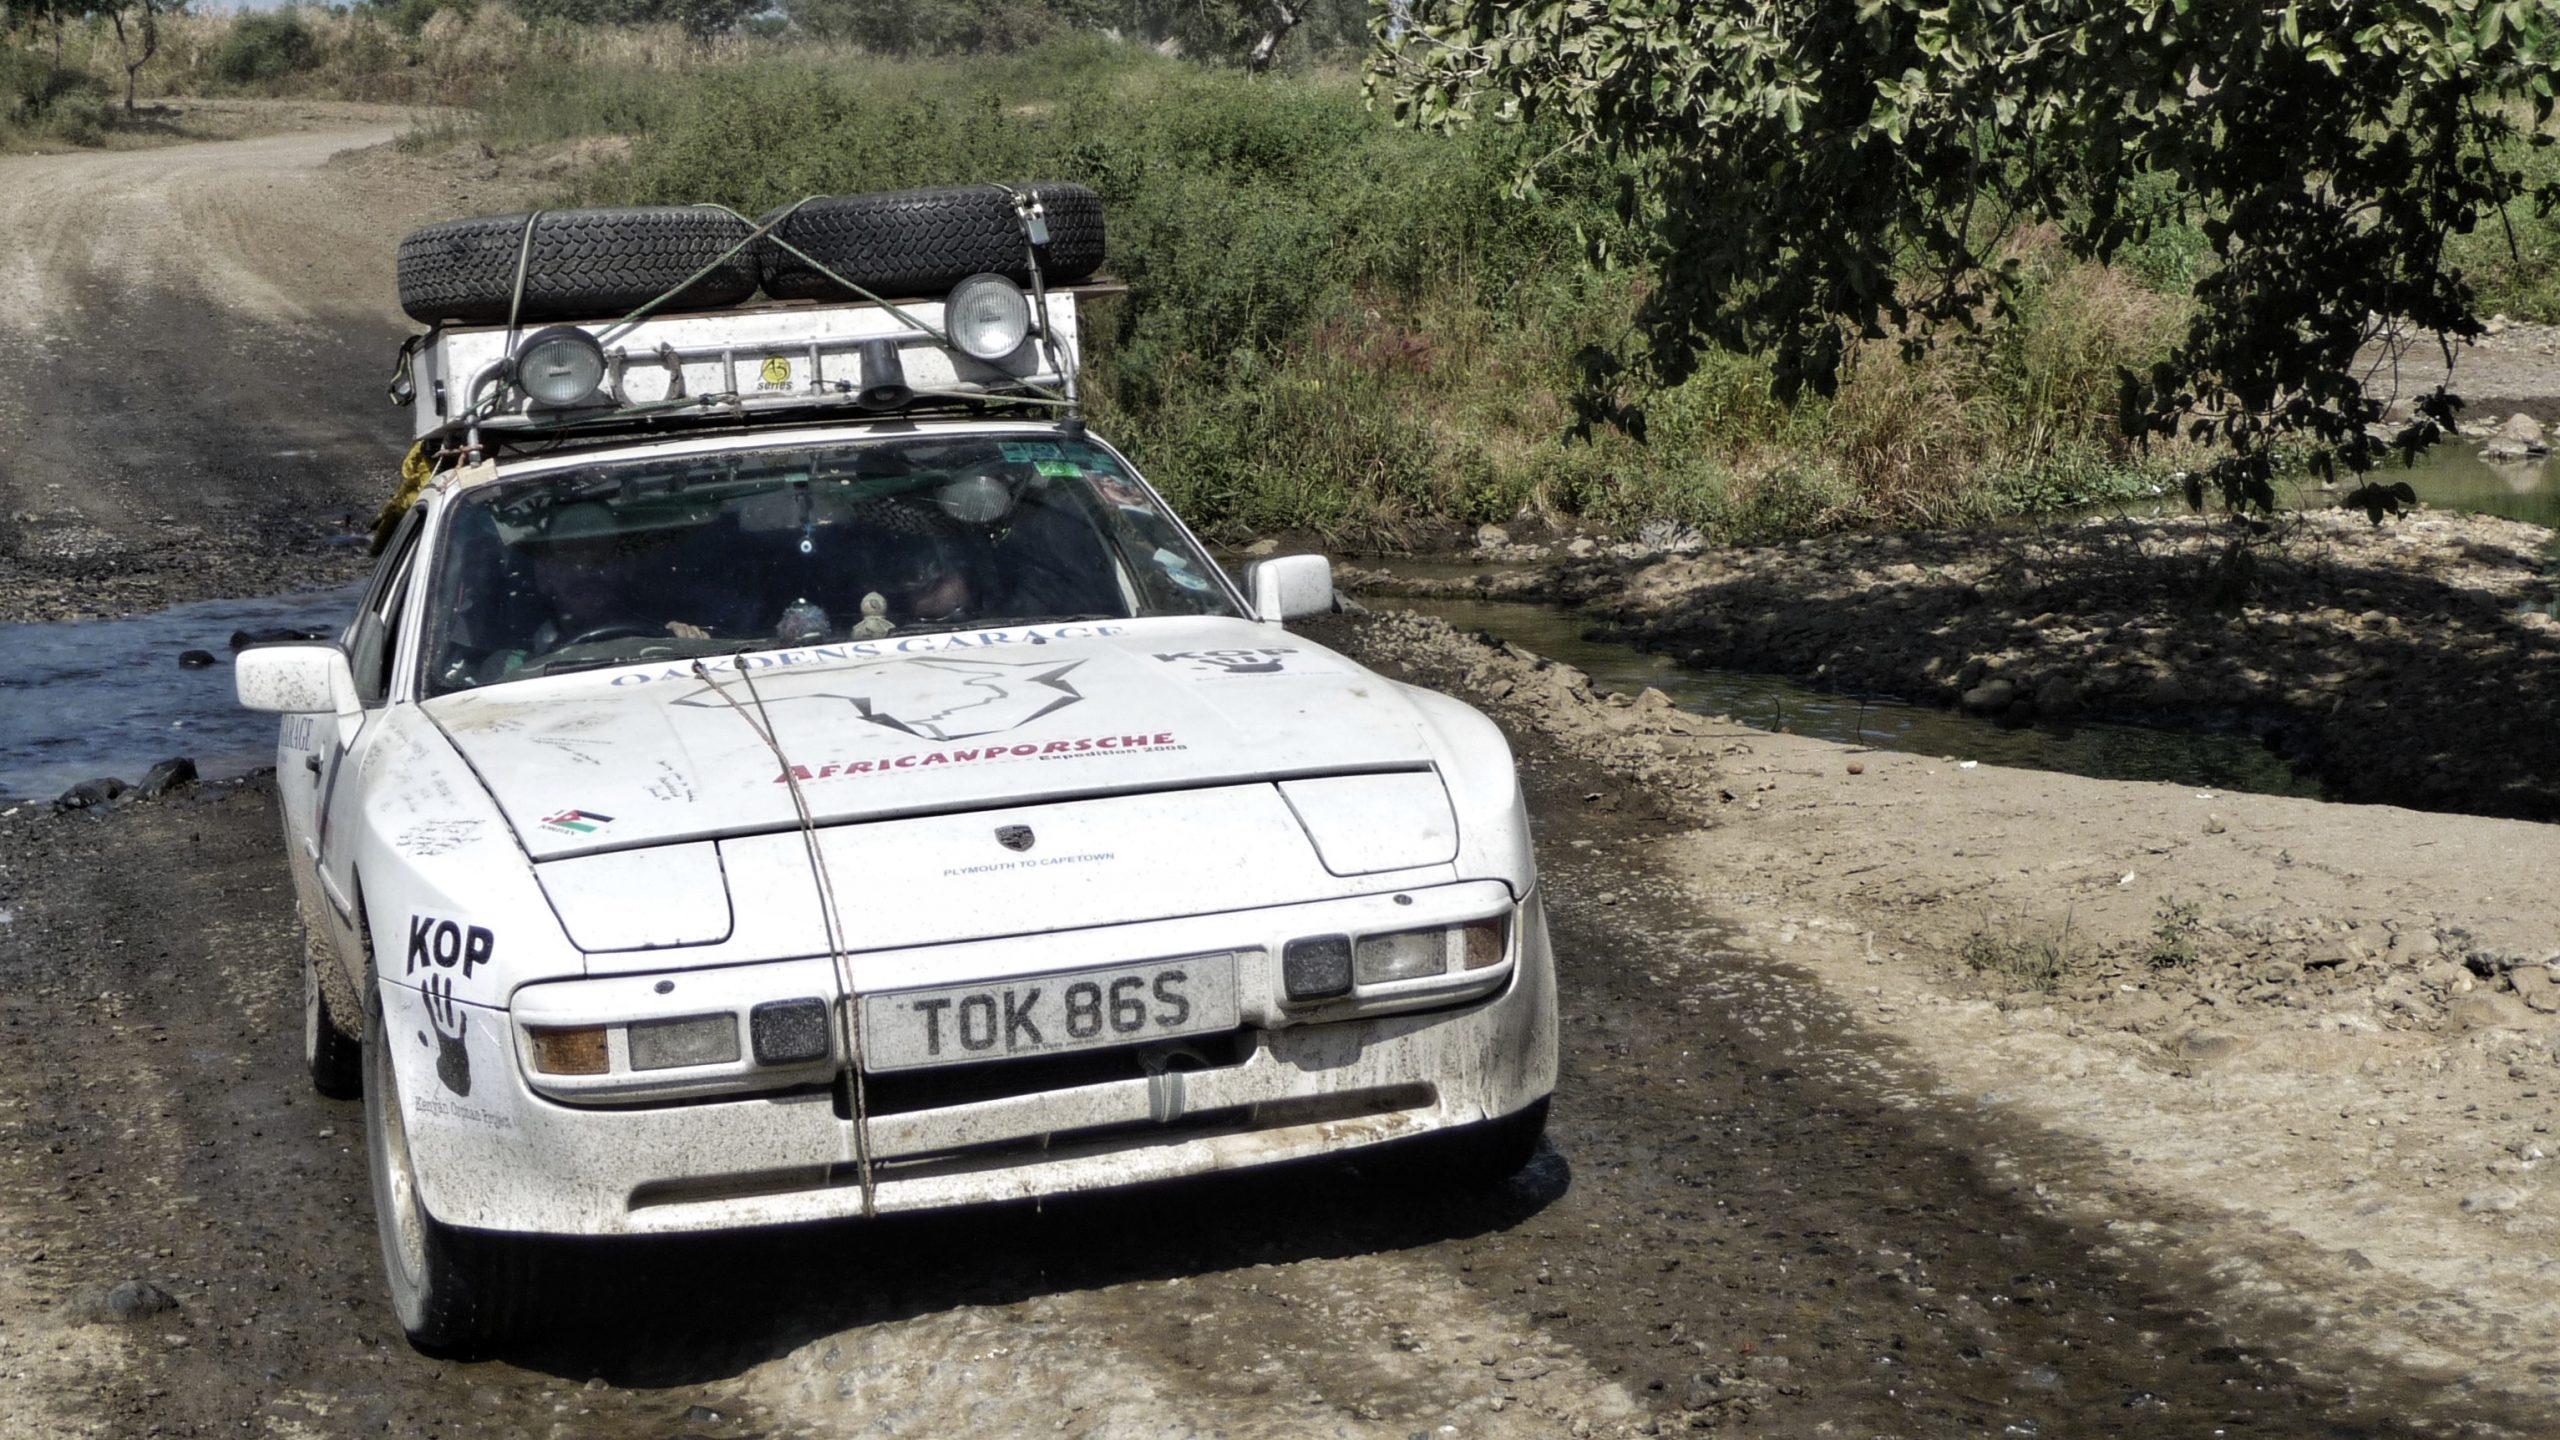 Africa Porsche 944 through a puddle